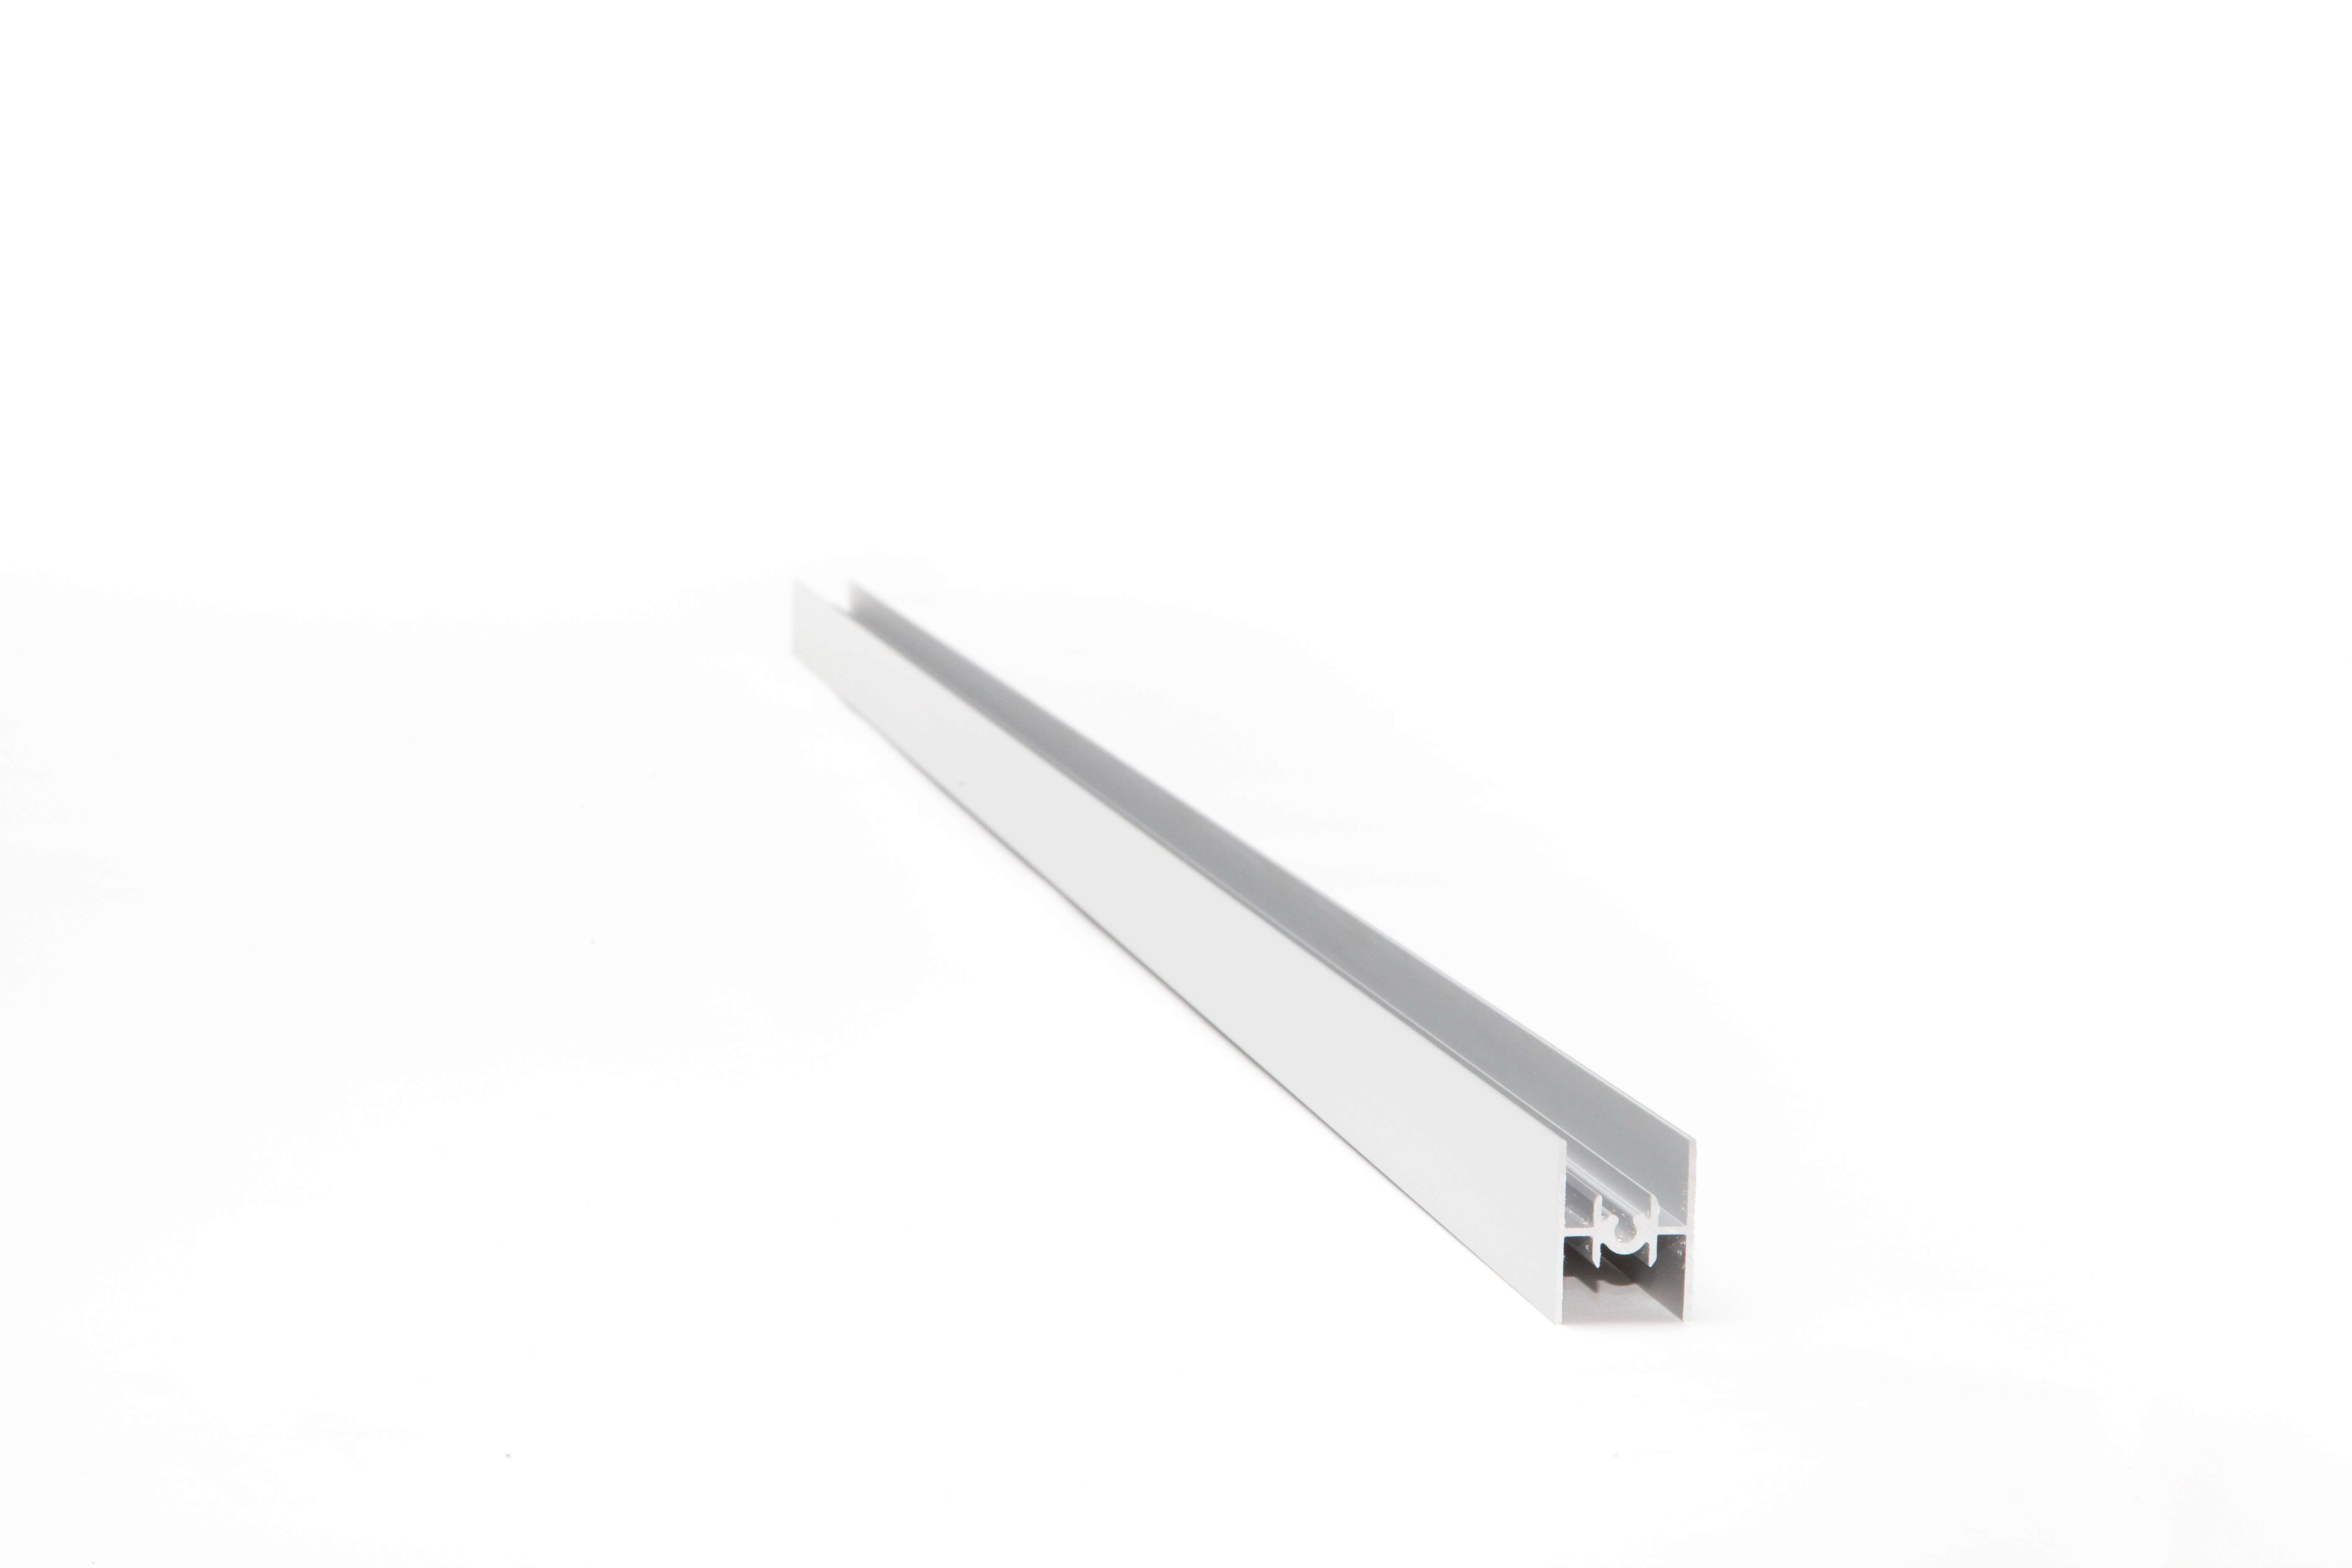 Schiebetür Selbstbausatz für 19 mm Plattenmaterial